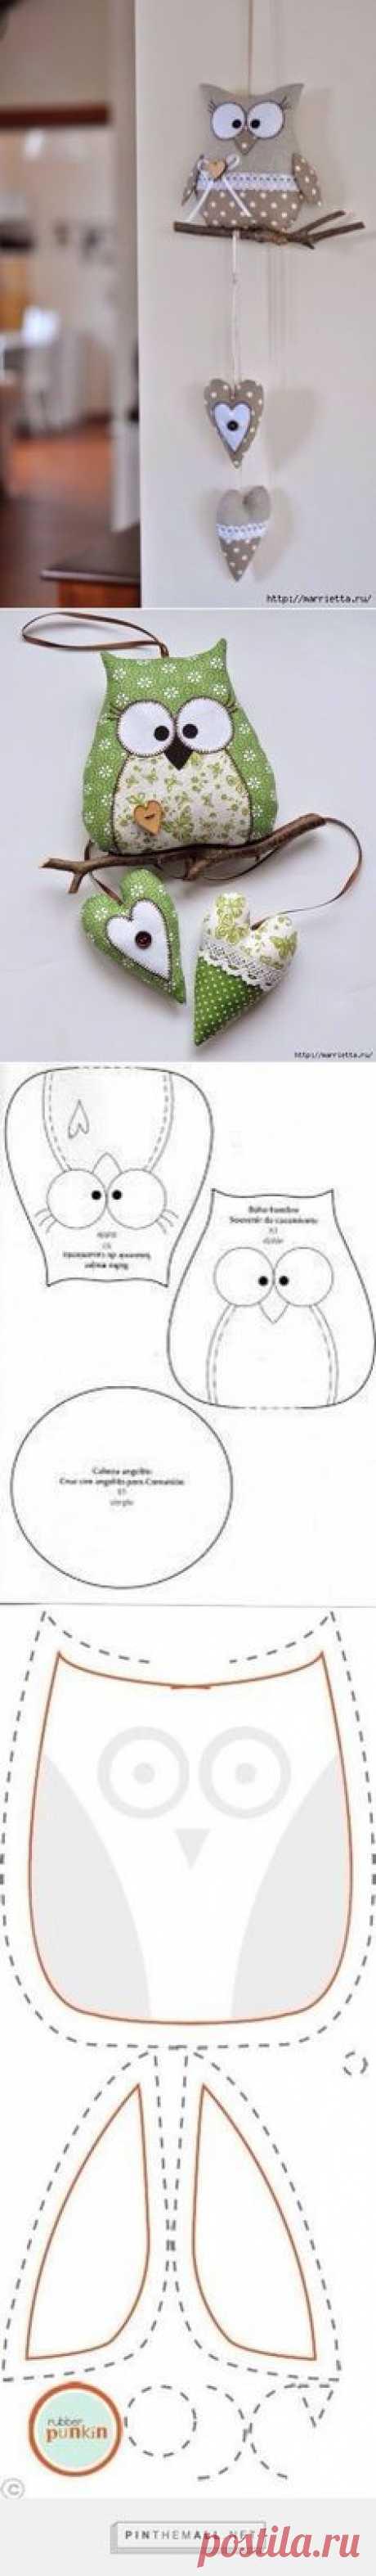 Не выбрасывайте старые джинсы!!! | Игрушки, Милые котики и Сумки